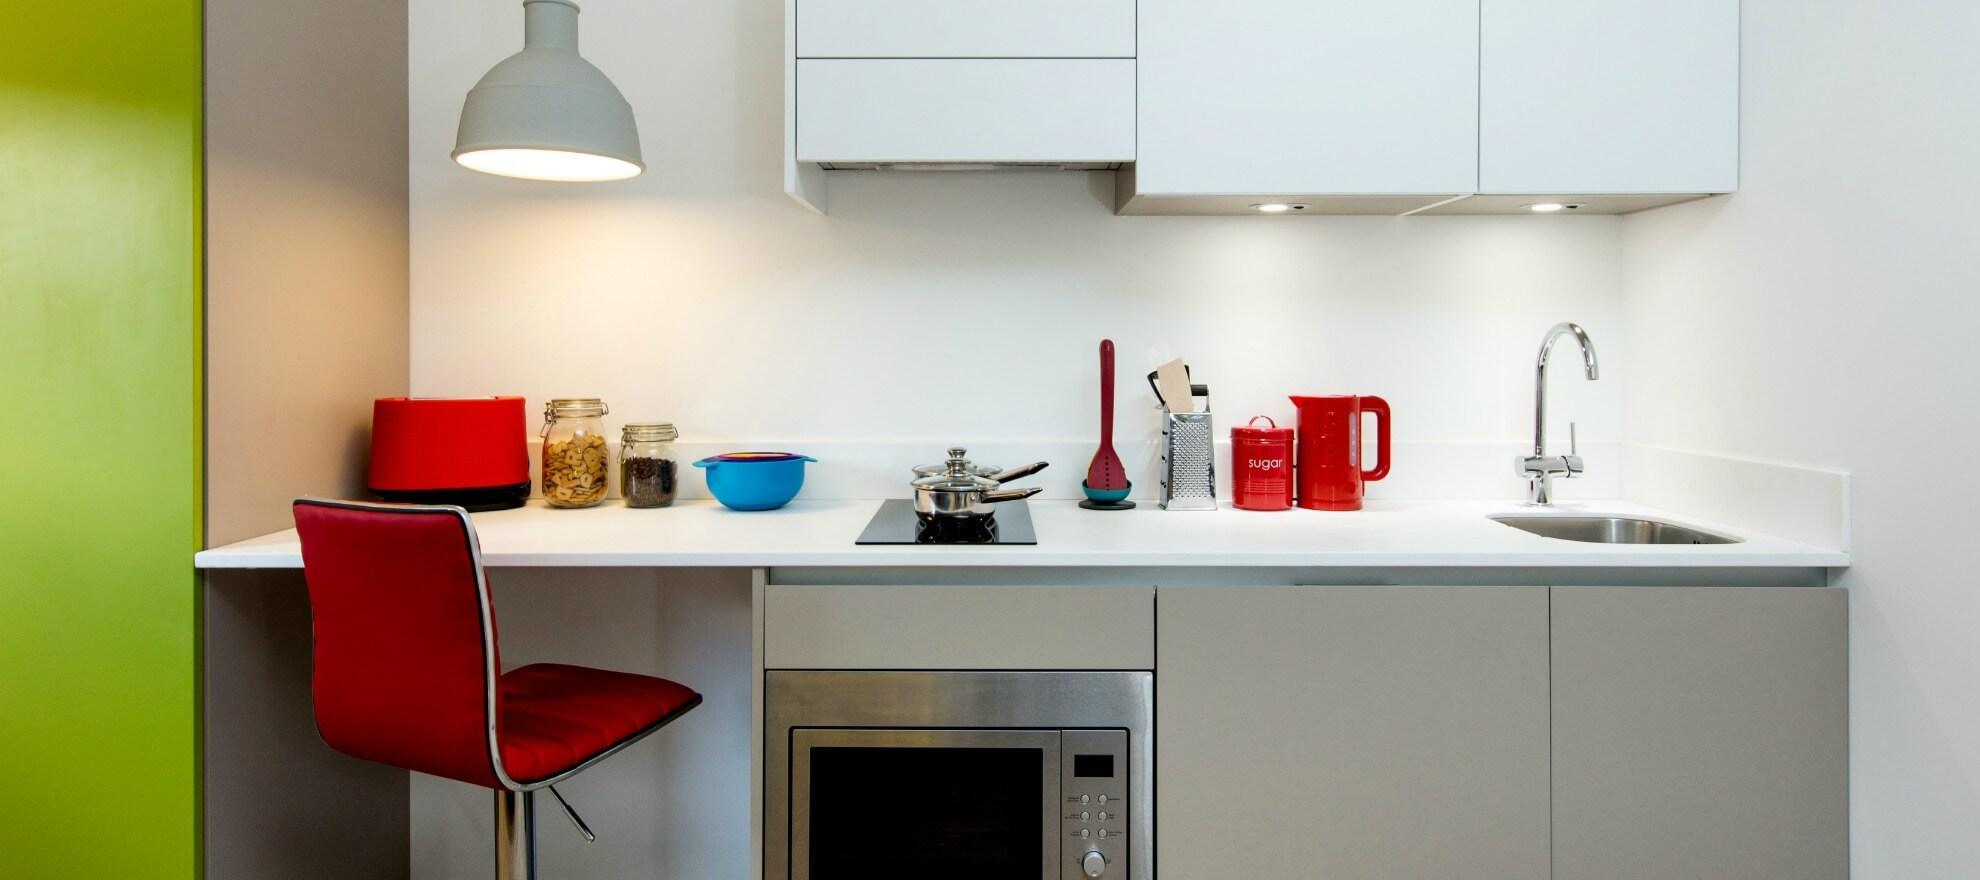 Podium-Egham-Studio-Kitchen-Unilodger